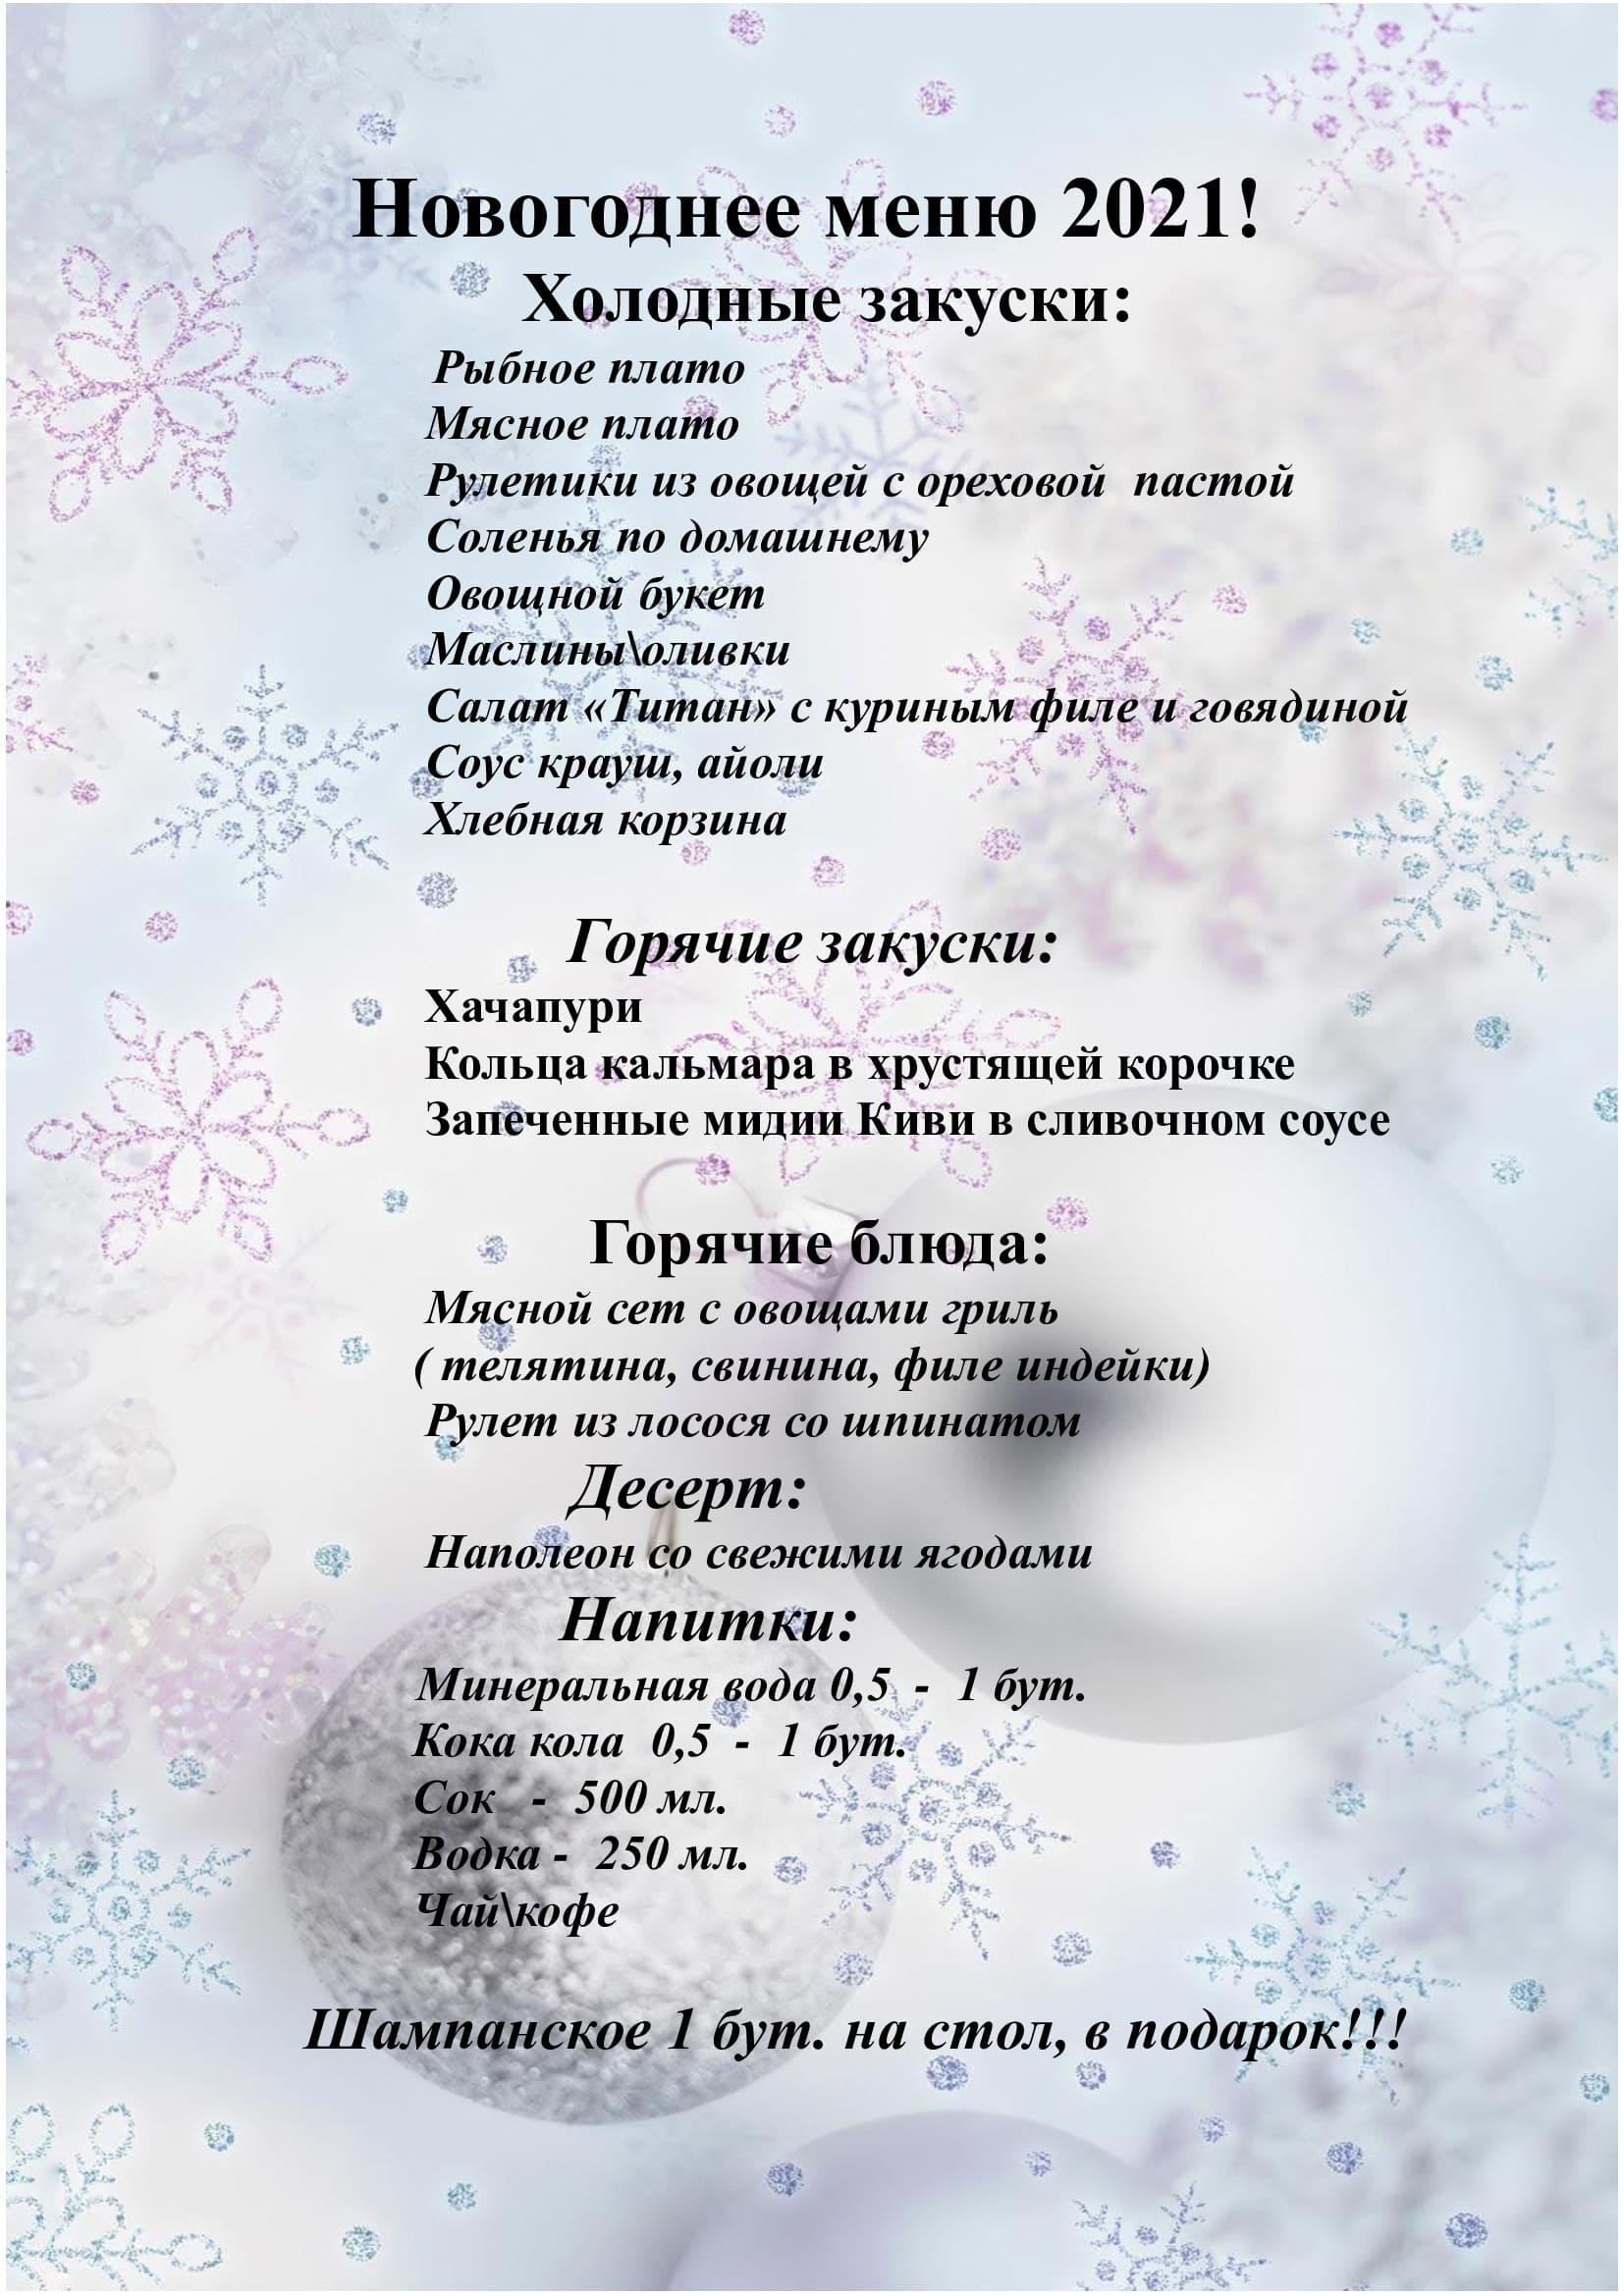 Новогднее-меню-2021 (1)